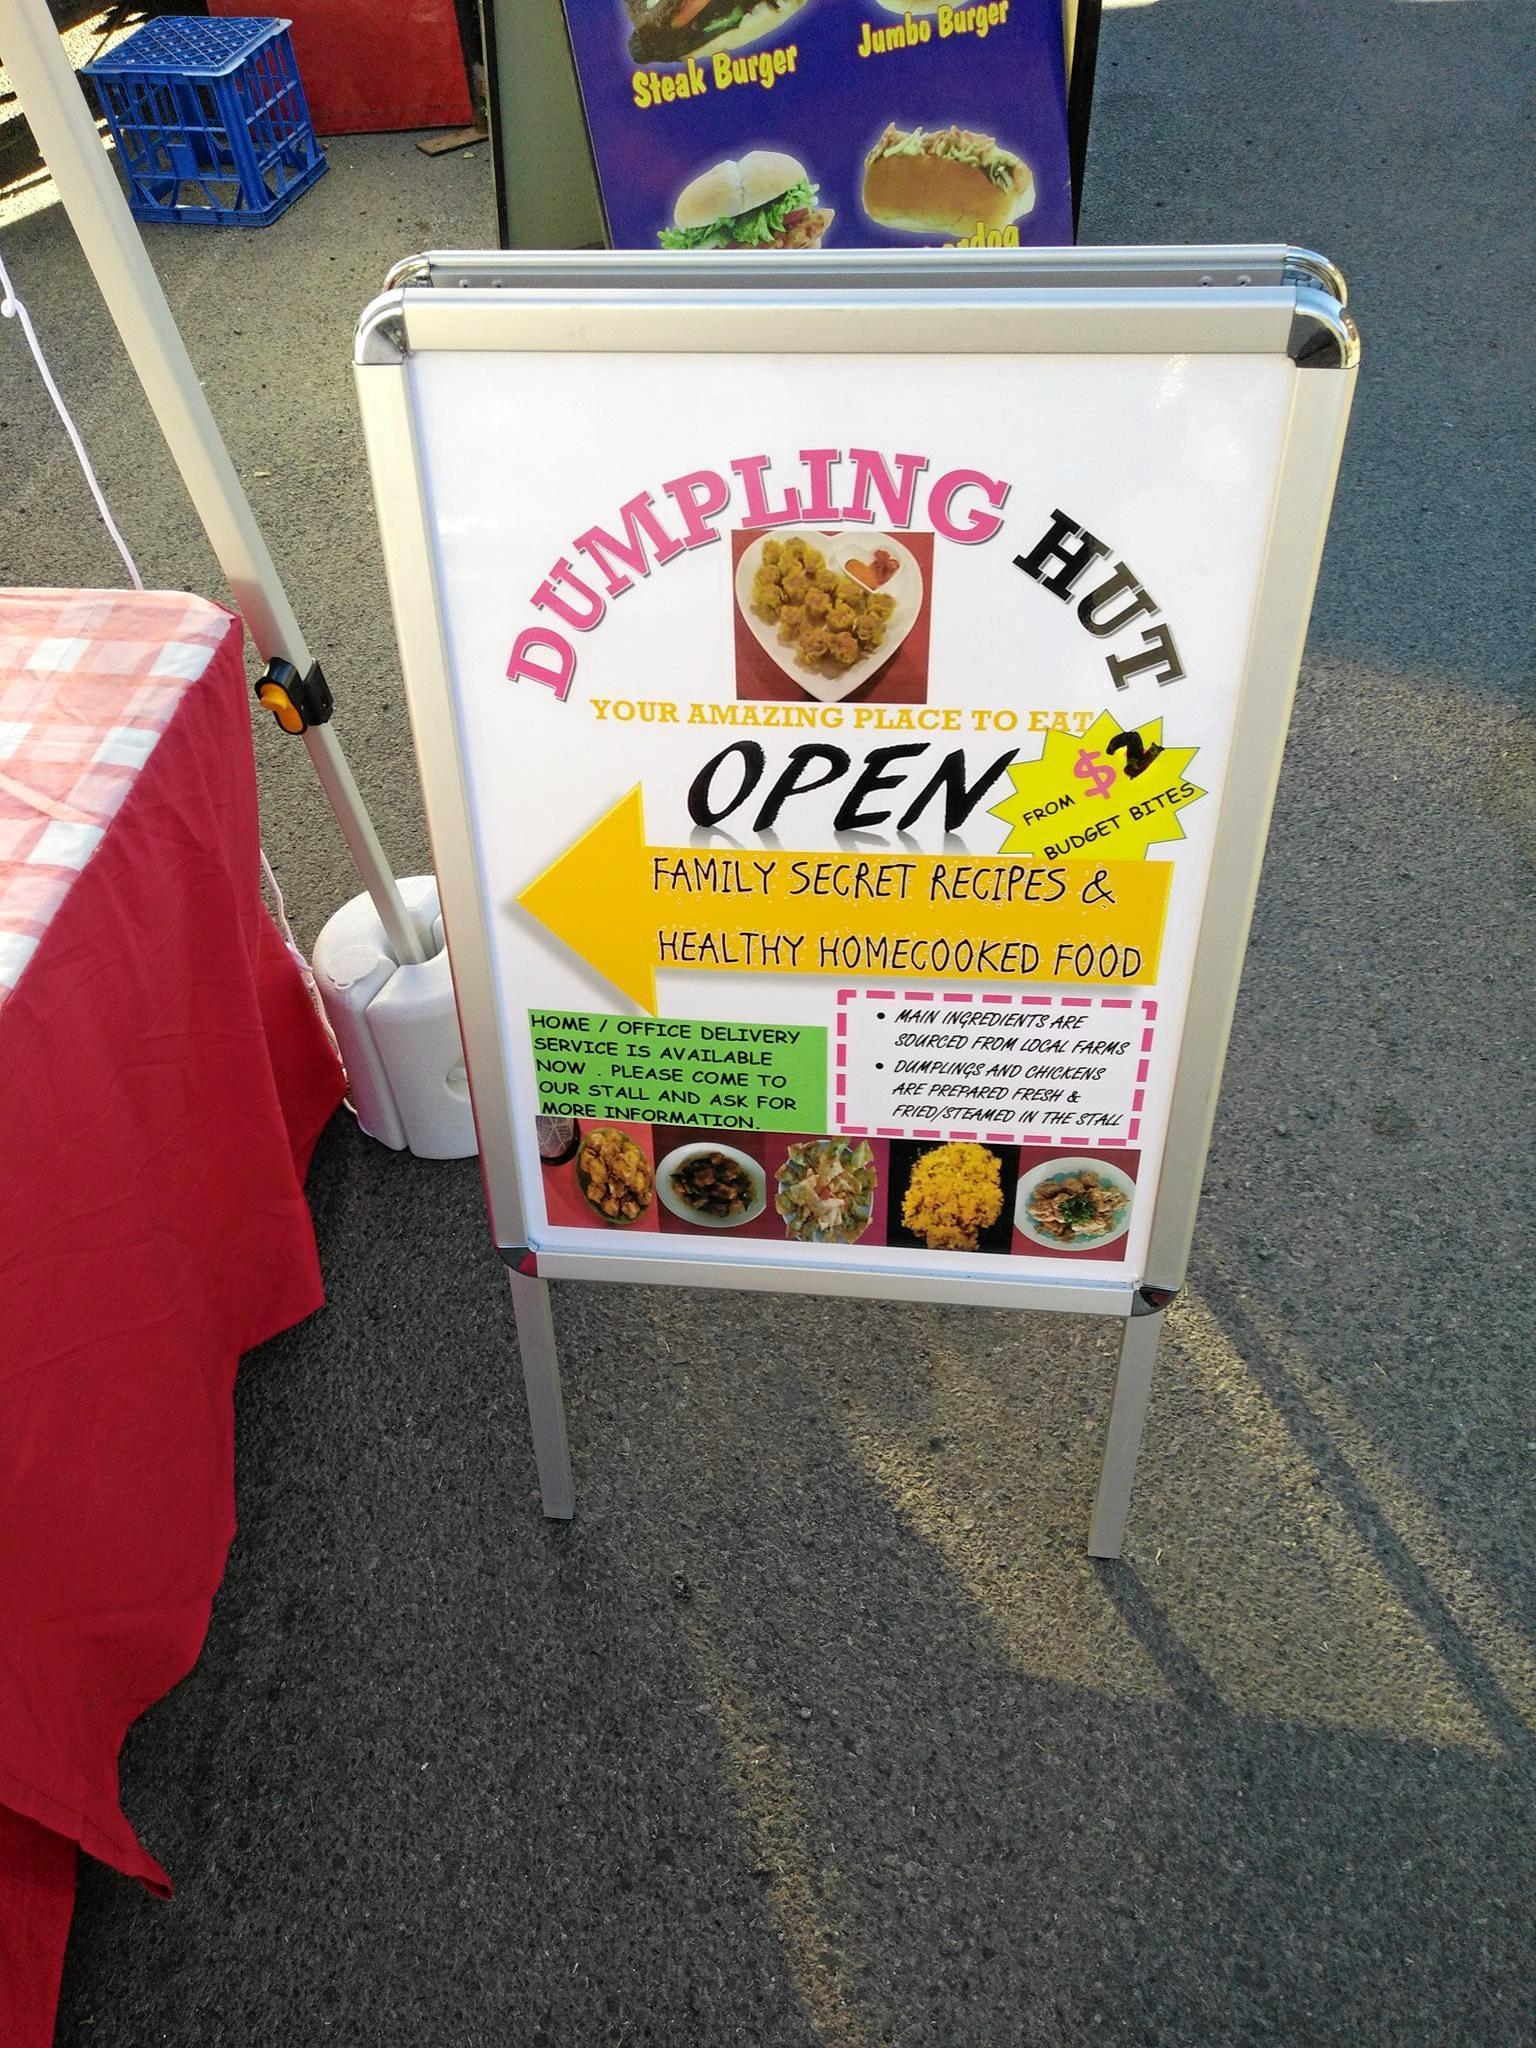 Dumpling Hit will serve up their signature healthy homemade dumplings